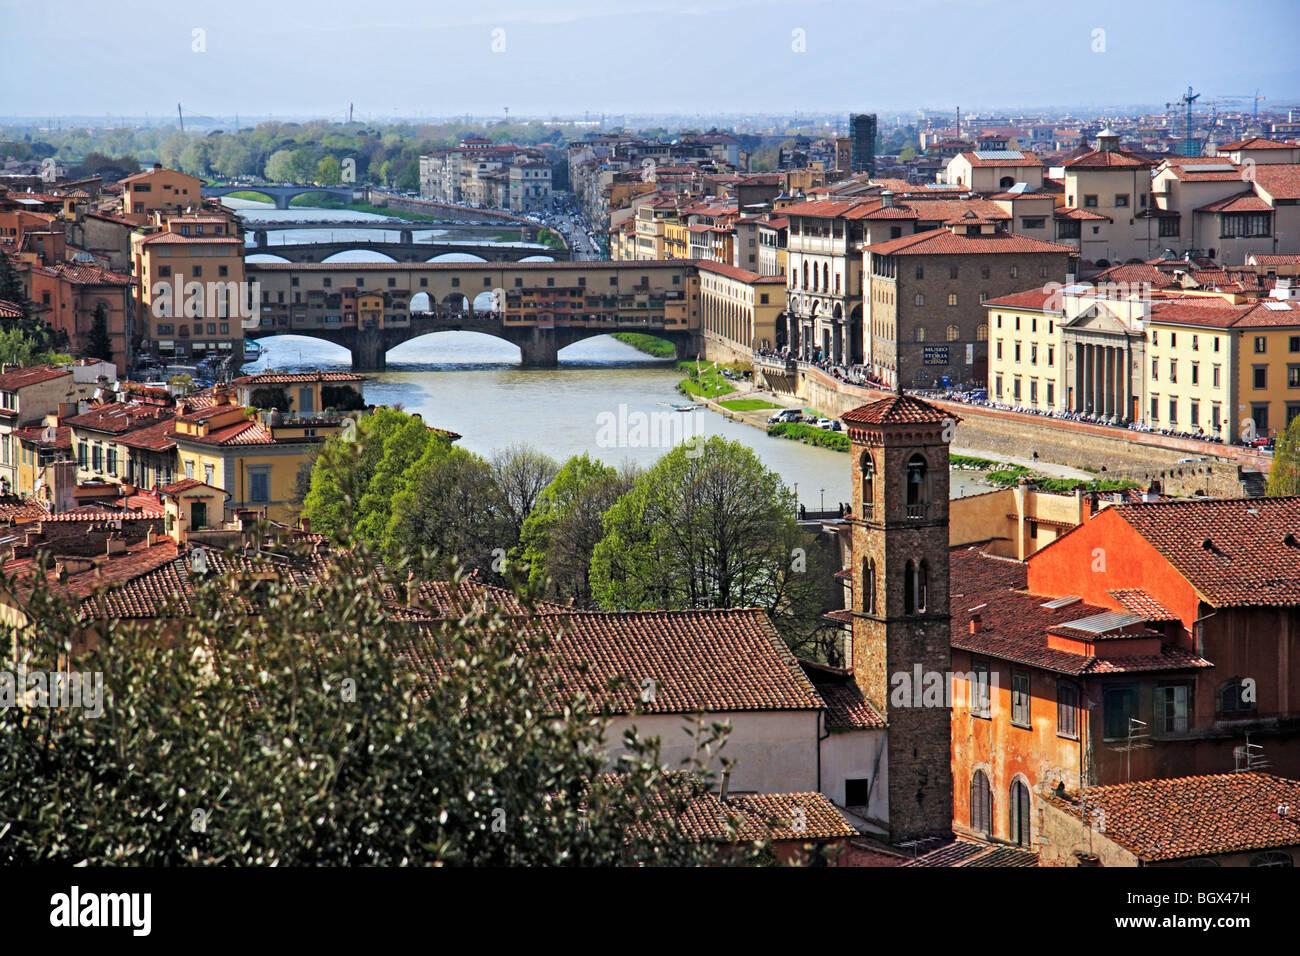 Florence, Tuscany, Italy - Stock Image